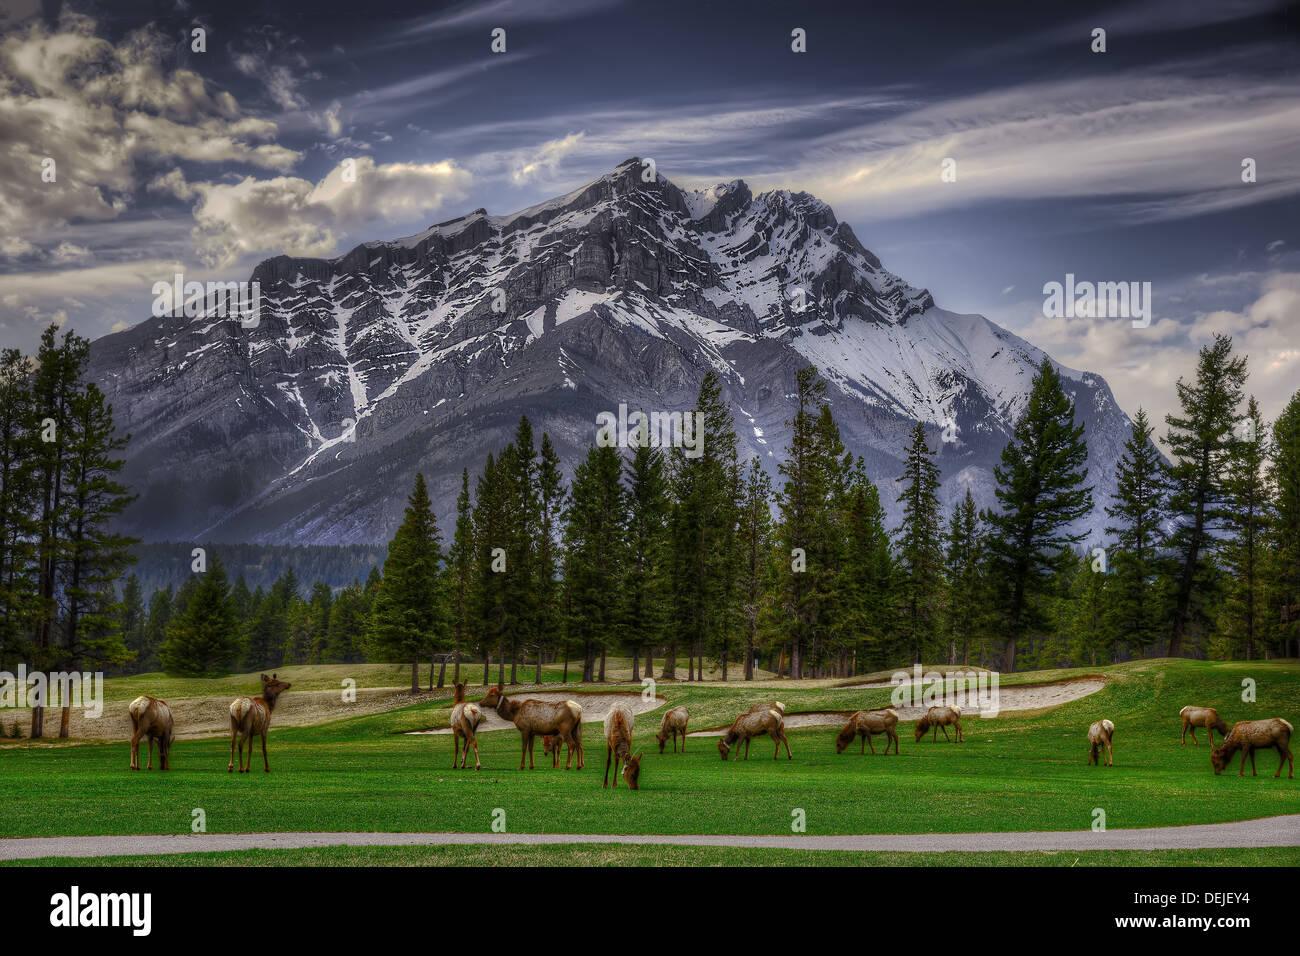 Alci pascolare sul campo da golf nel Parco Nazionale di Banff, Alberta, Canada con montagne rocciose che si profila in background Immagini Stock